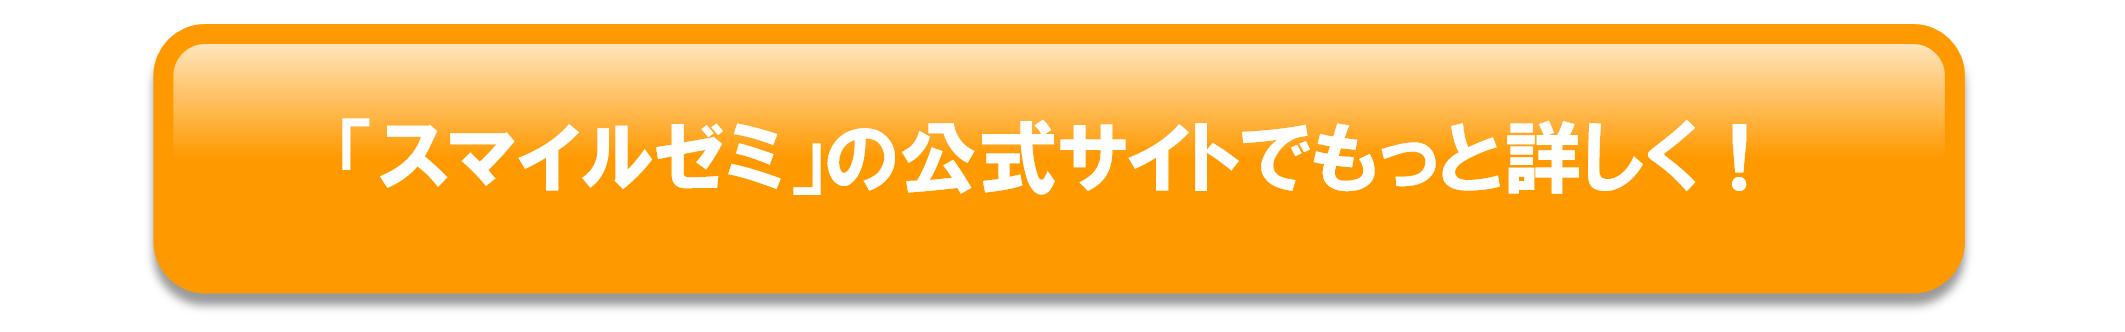 スマイルゼミ公式へのリンクボタン